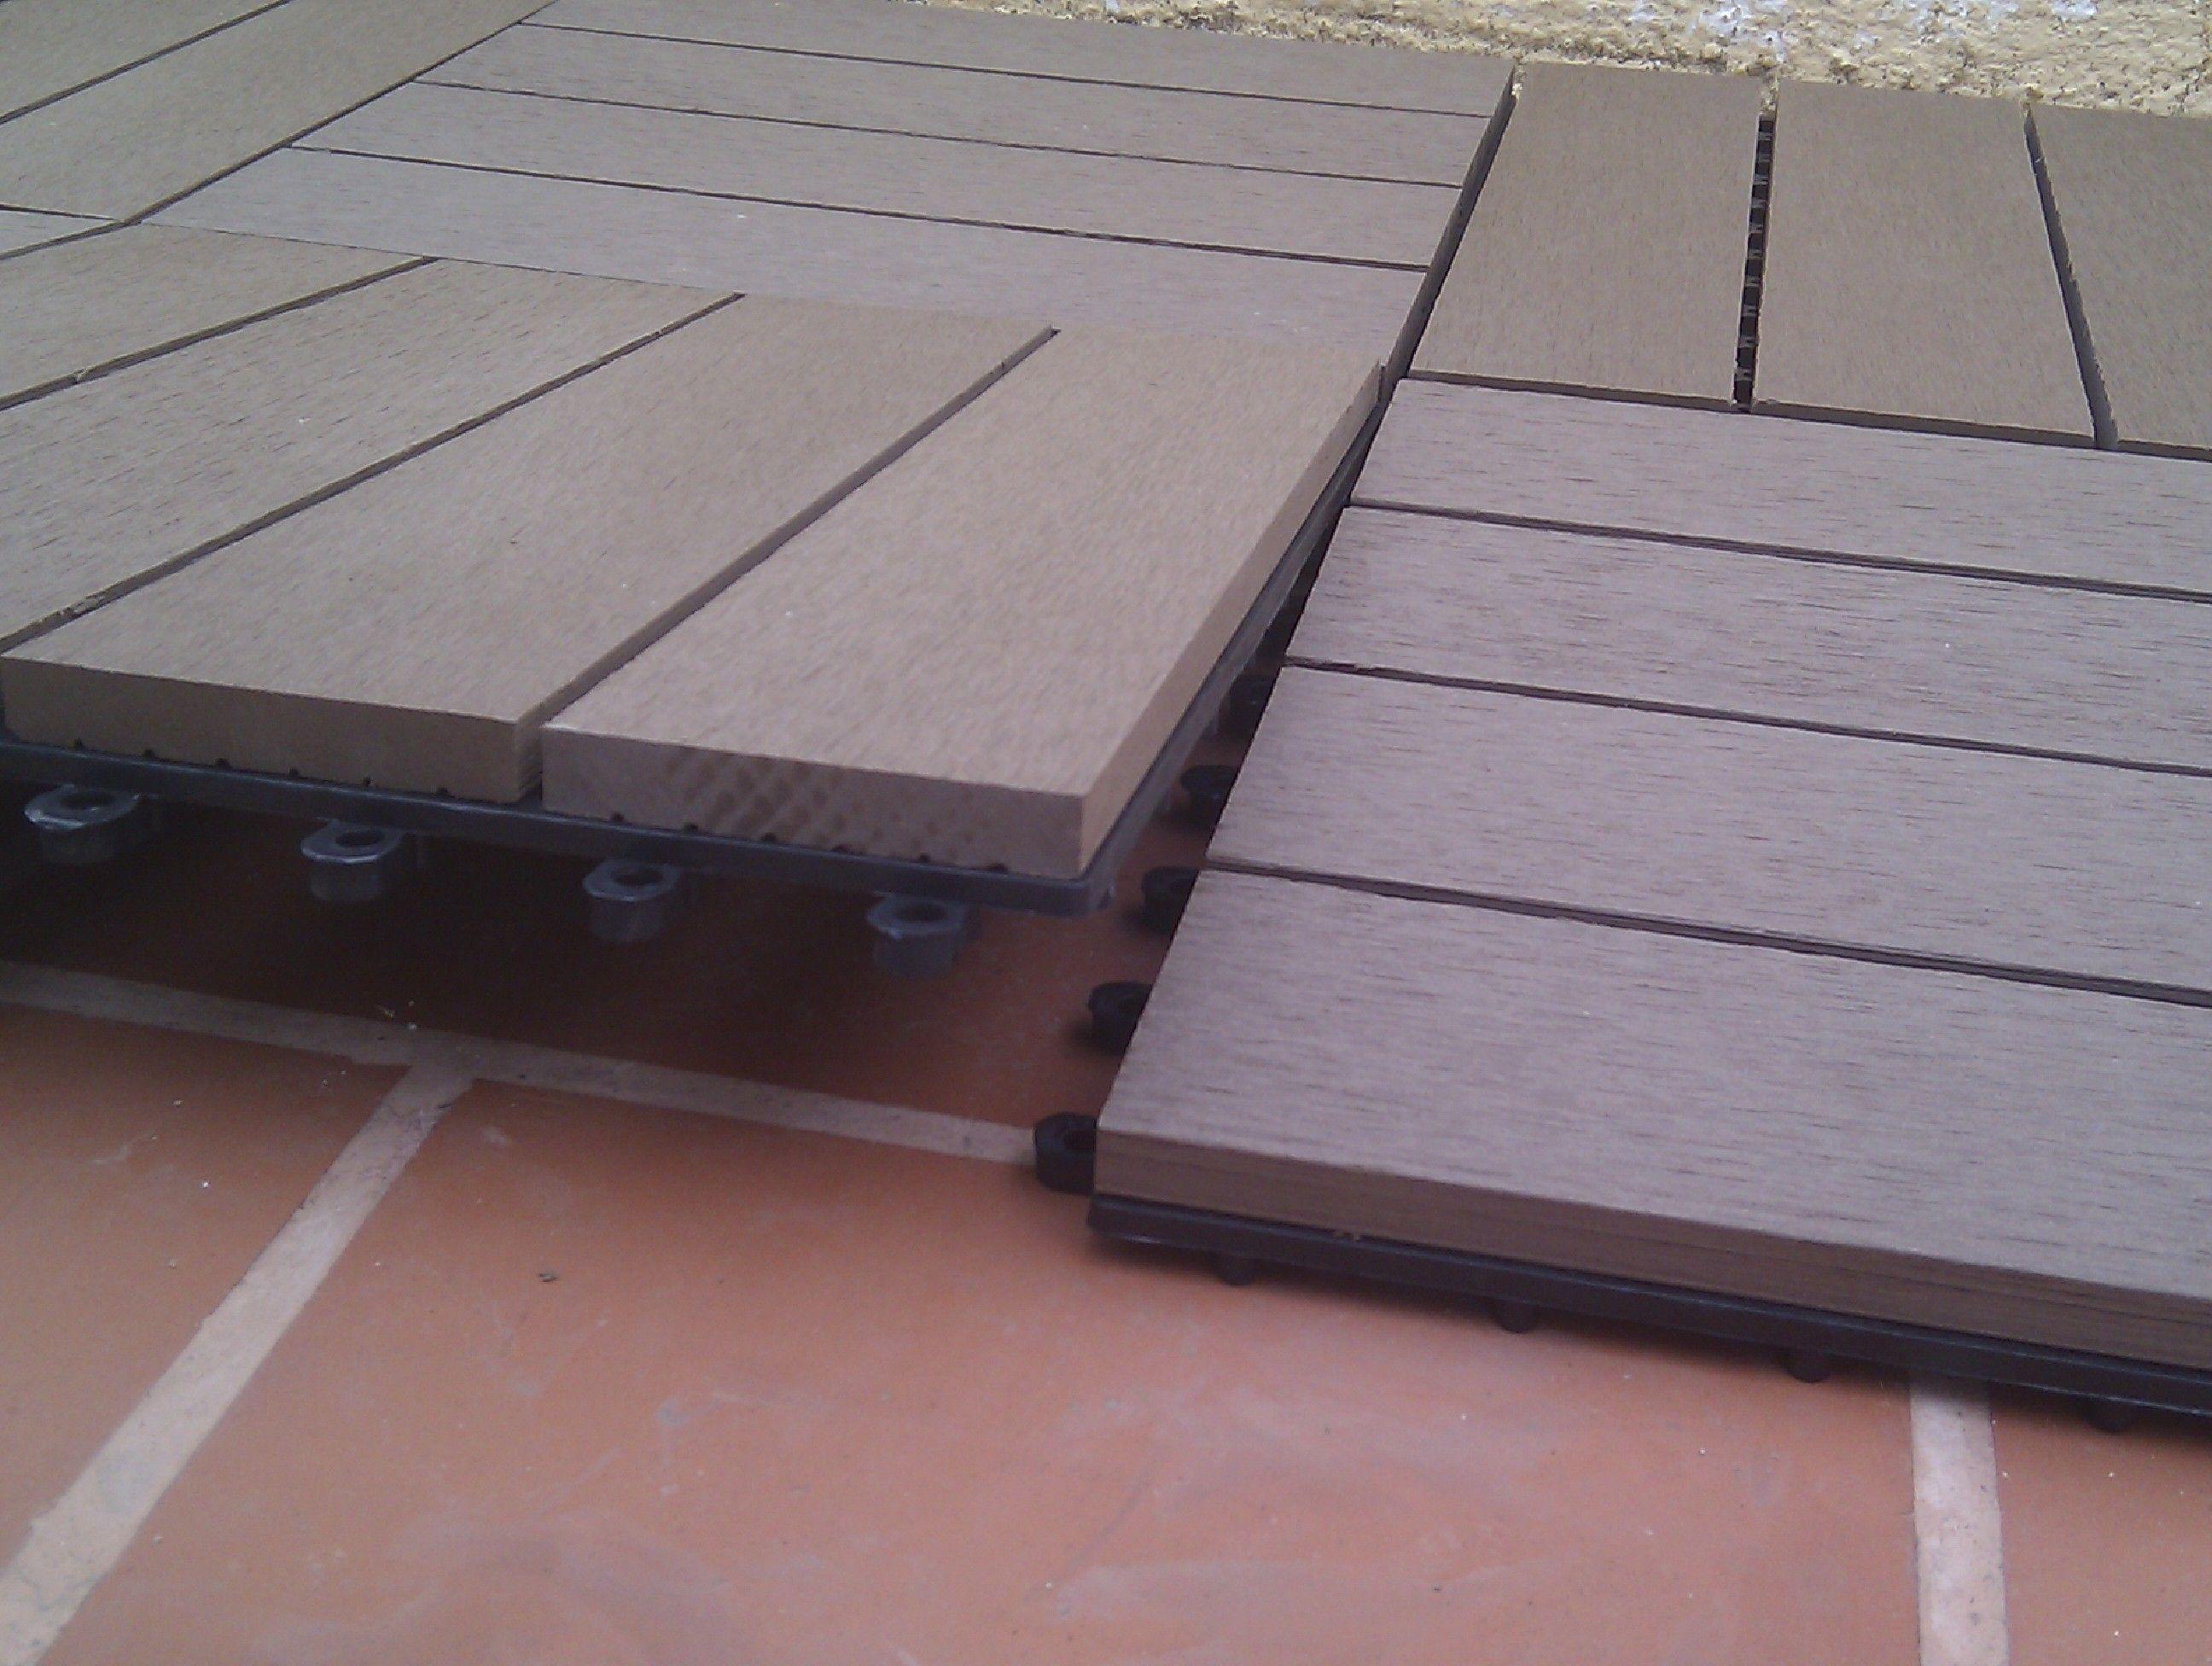 El suelo composite m s sencillo y r pido de instalar - Suelo composite exterior ...